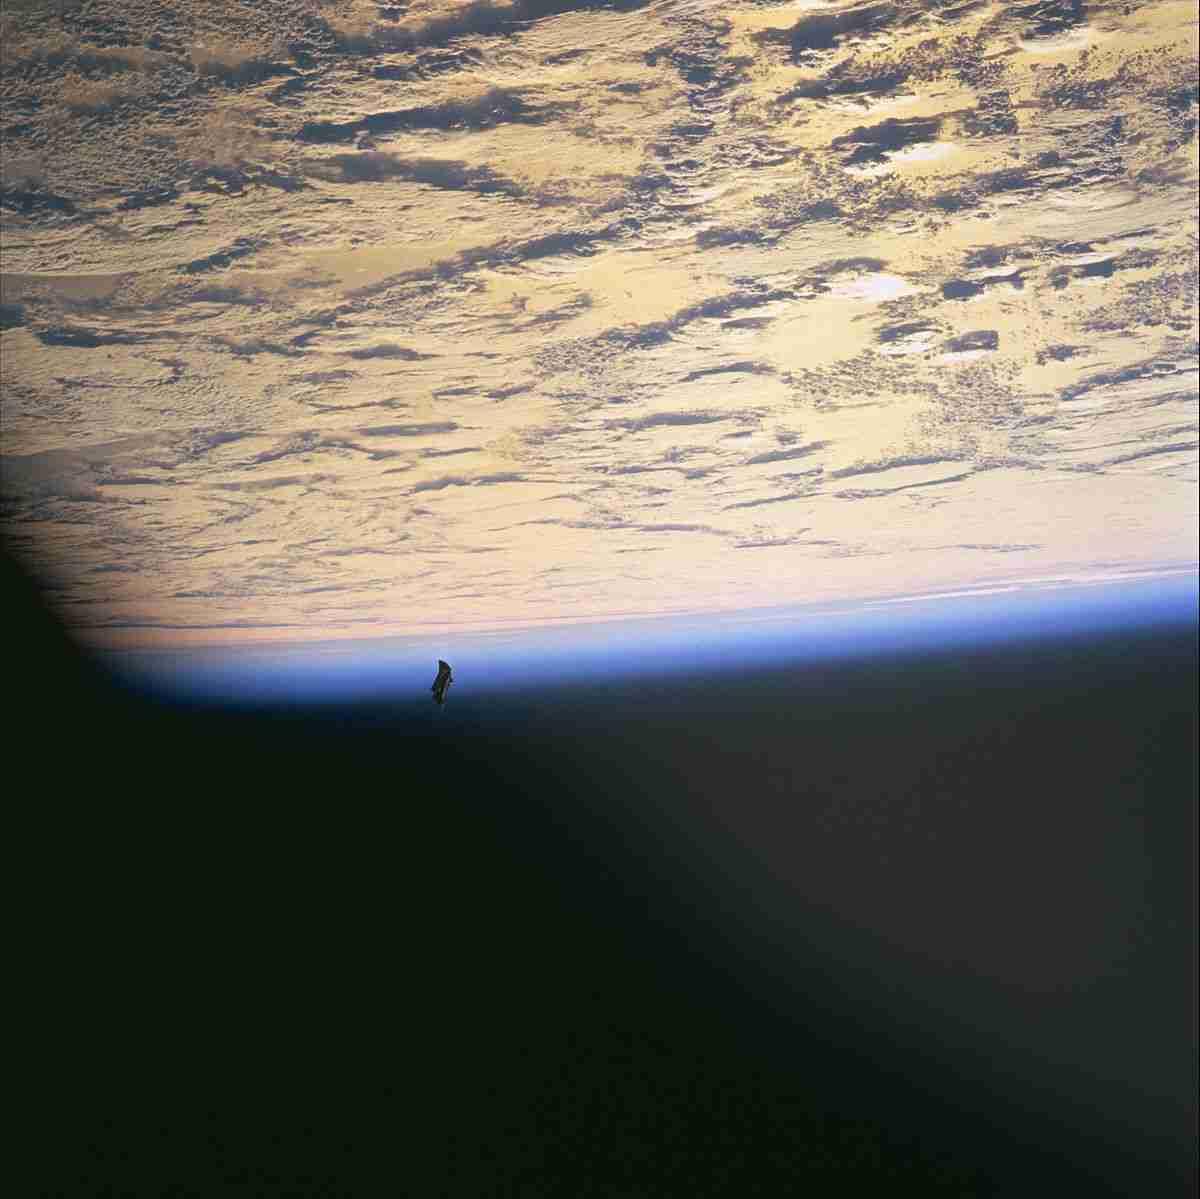 ブラックナイト衛星 - Wikipedia